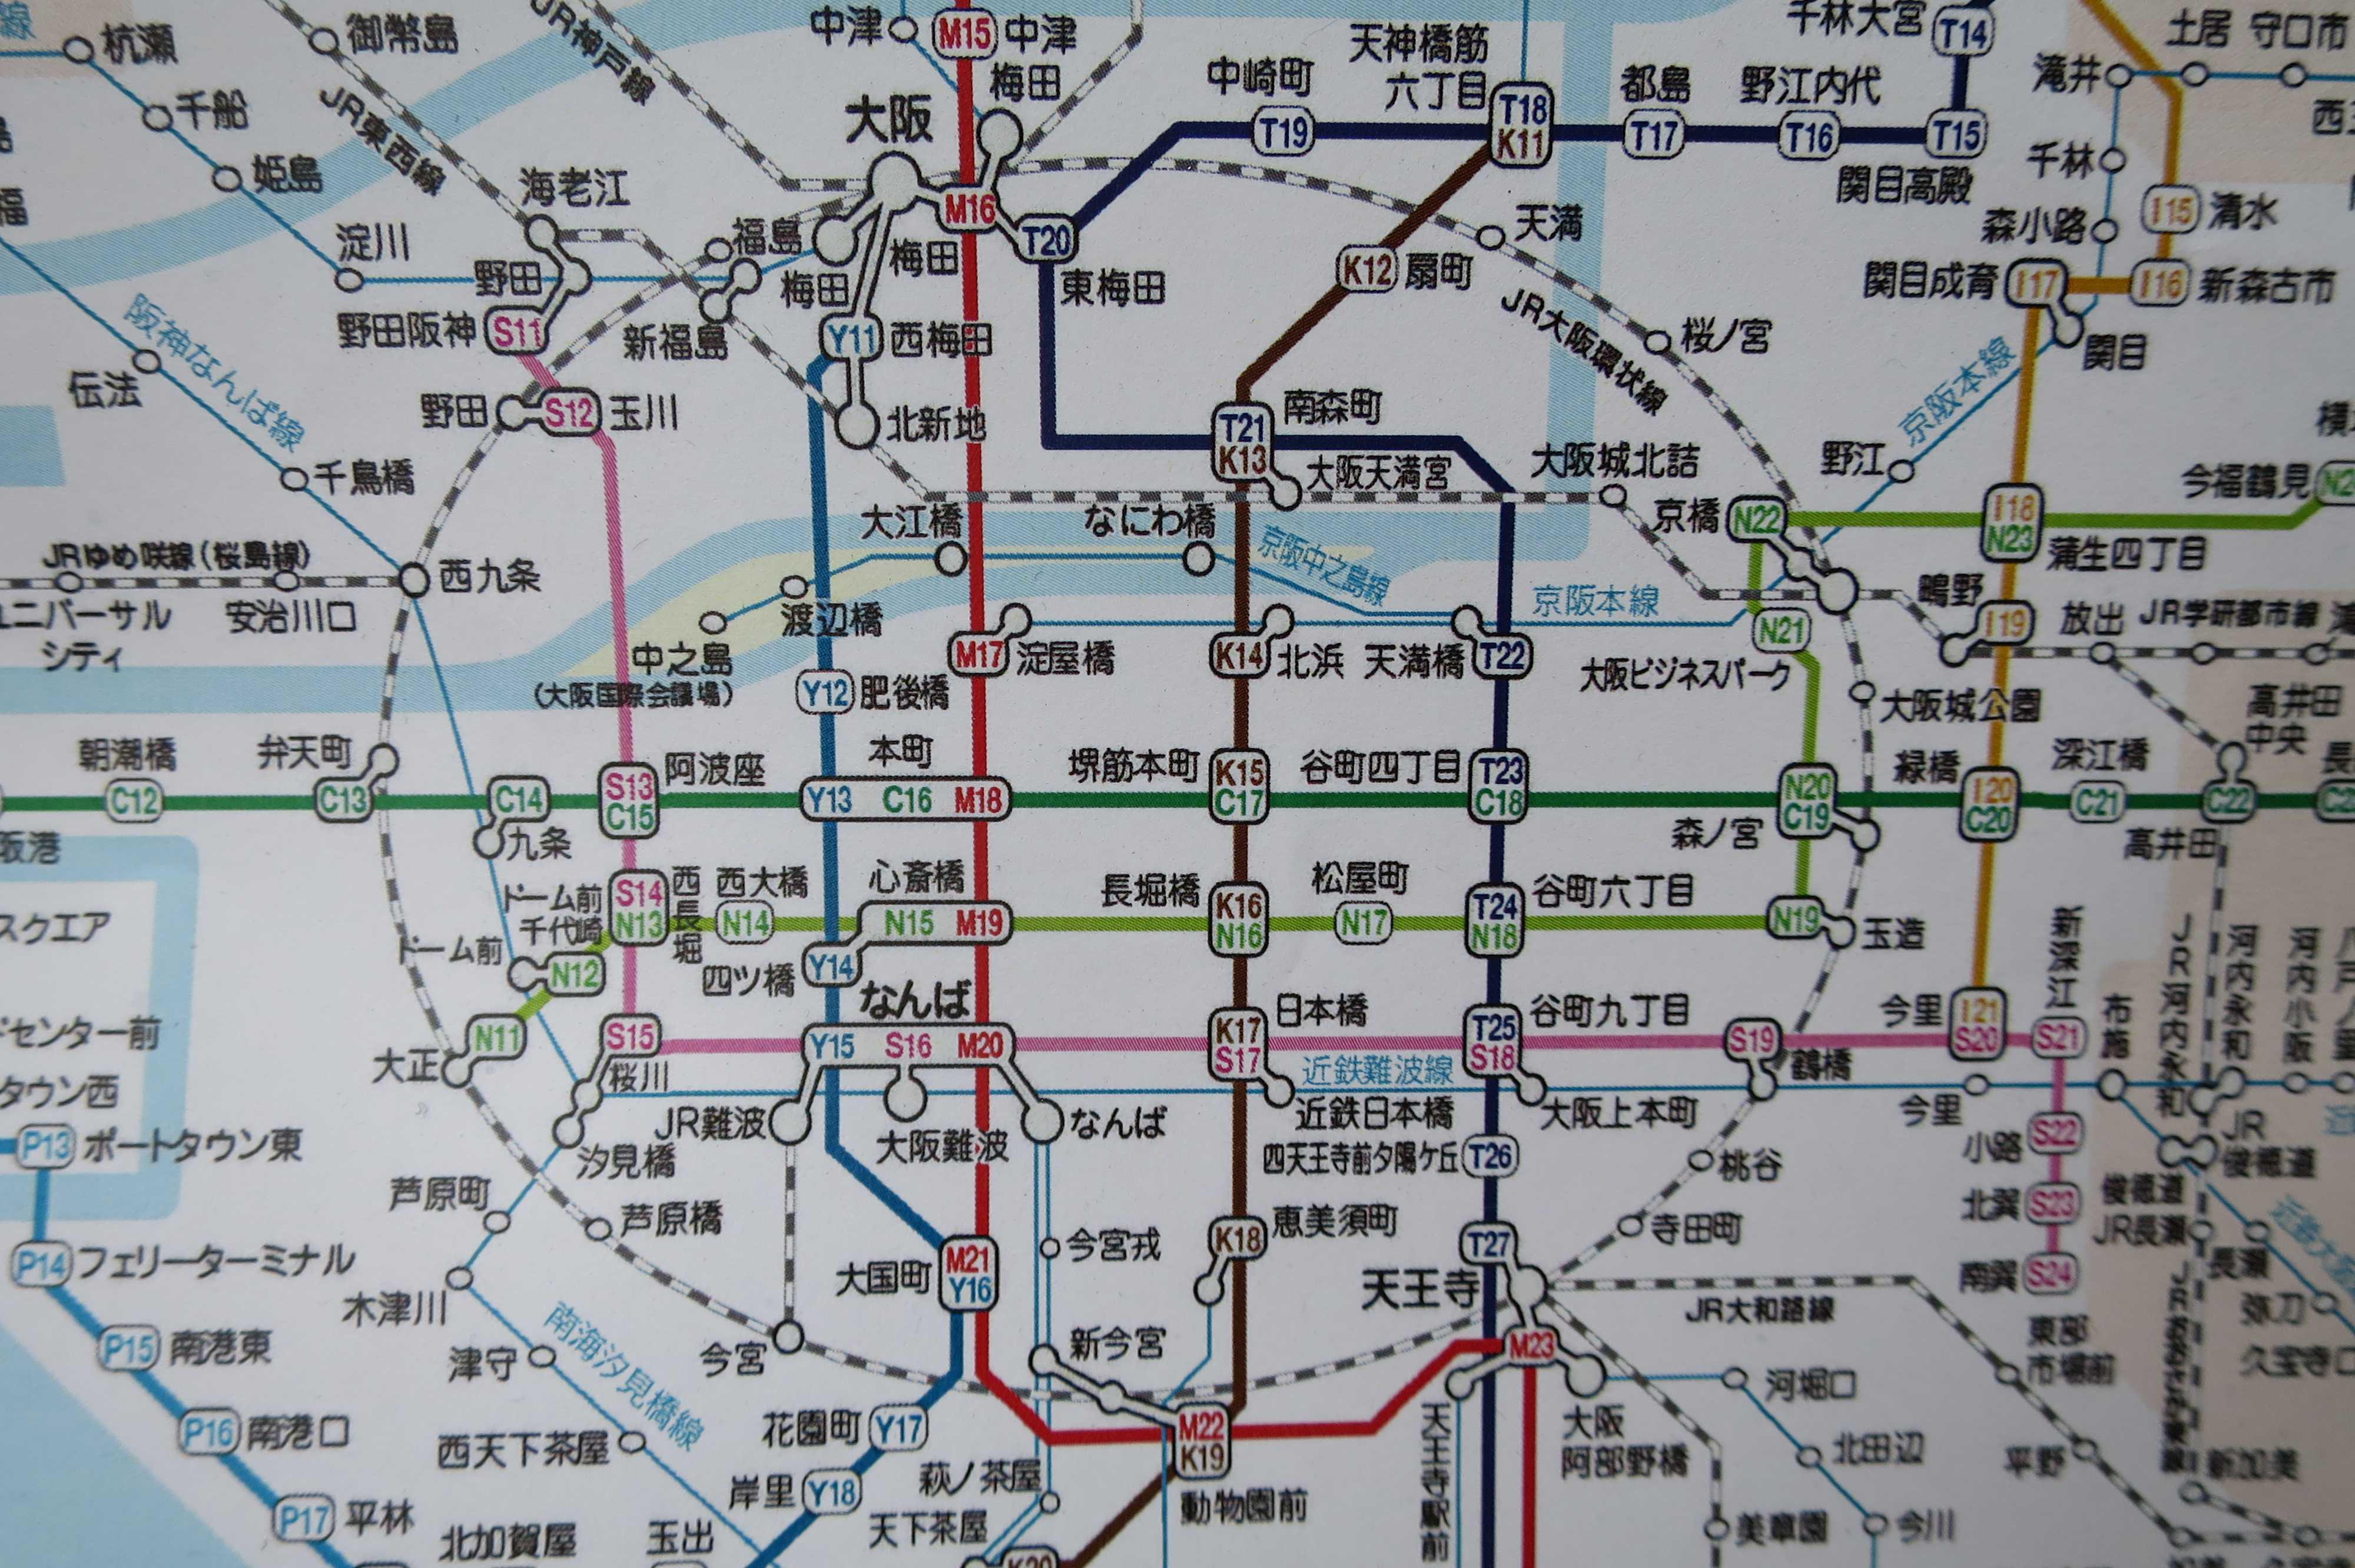 大阪の鉄道路線図